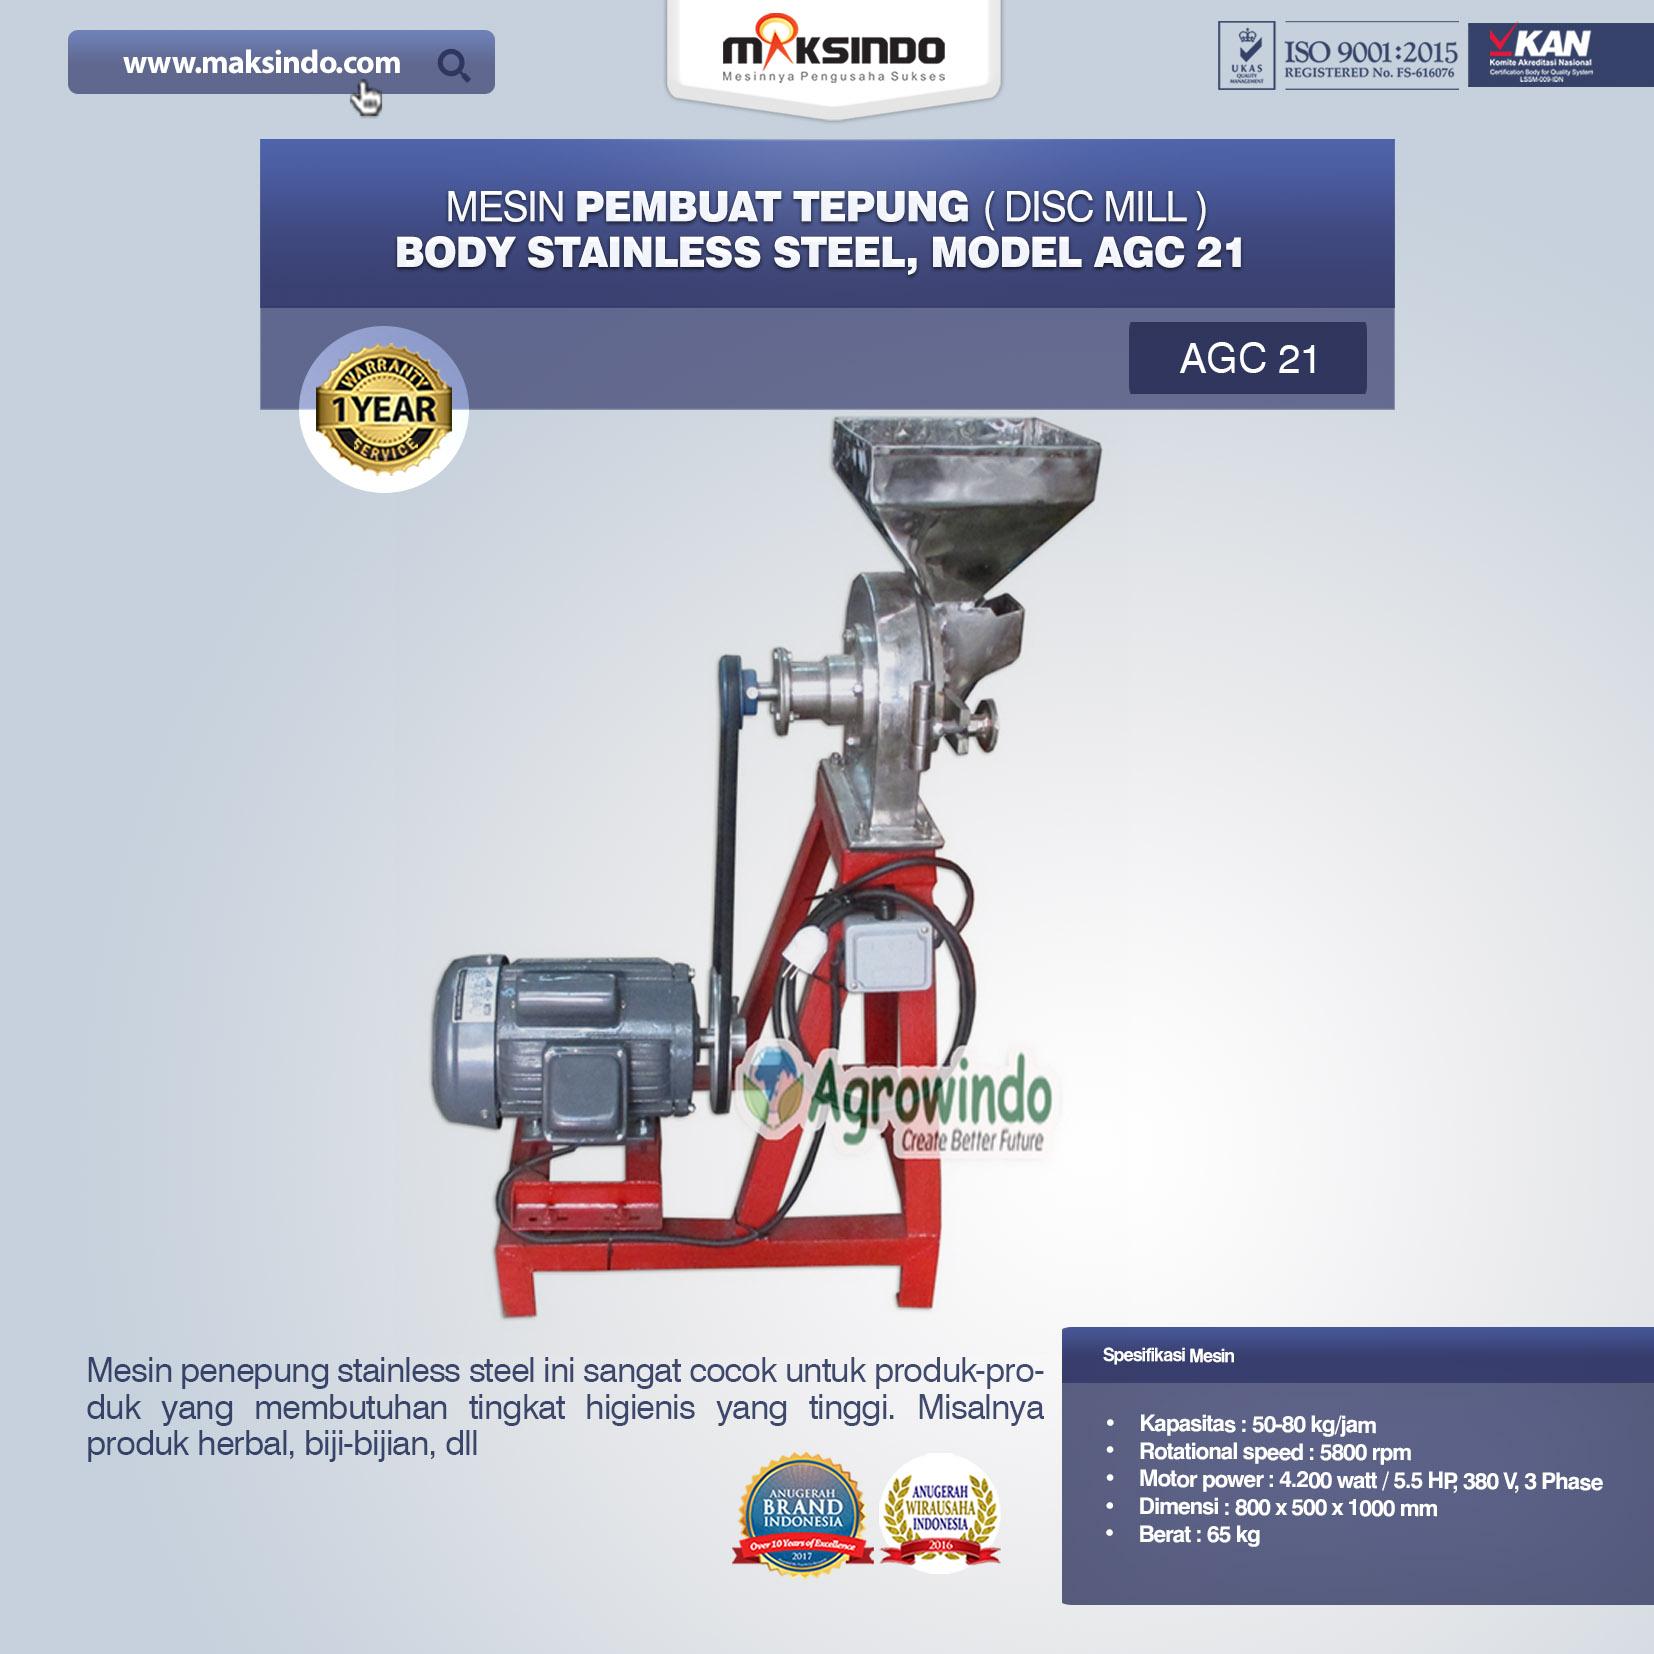 Mesin Penepung Disk Mill Body Stainless Steel AGC 21